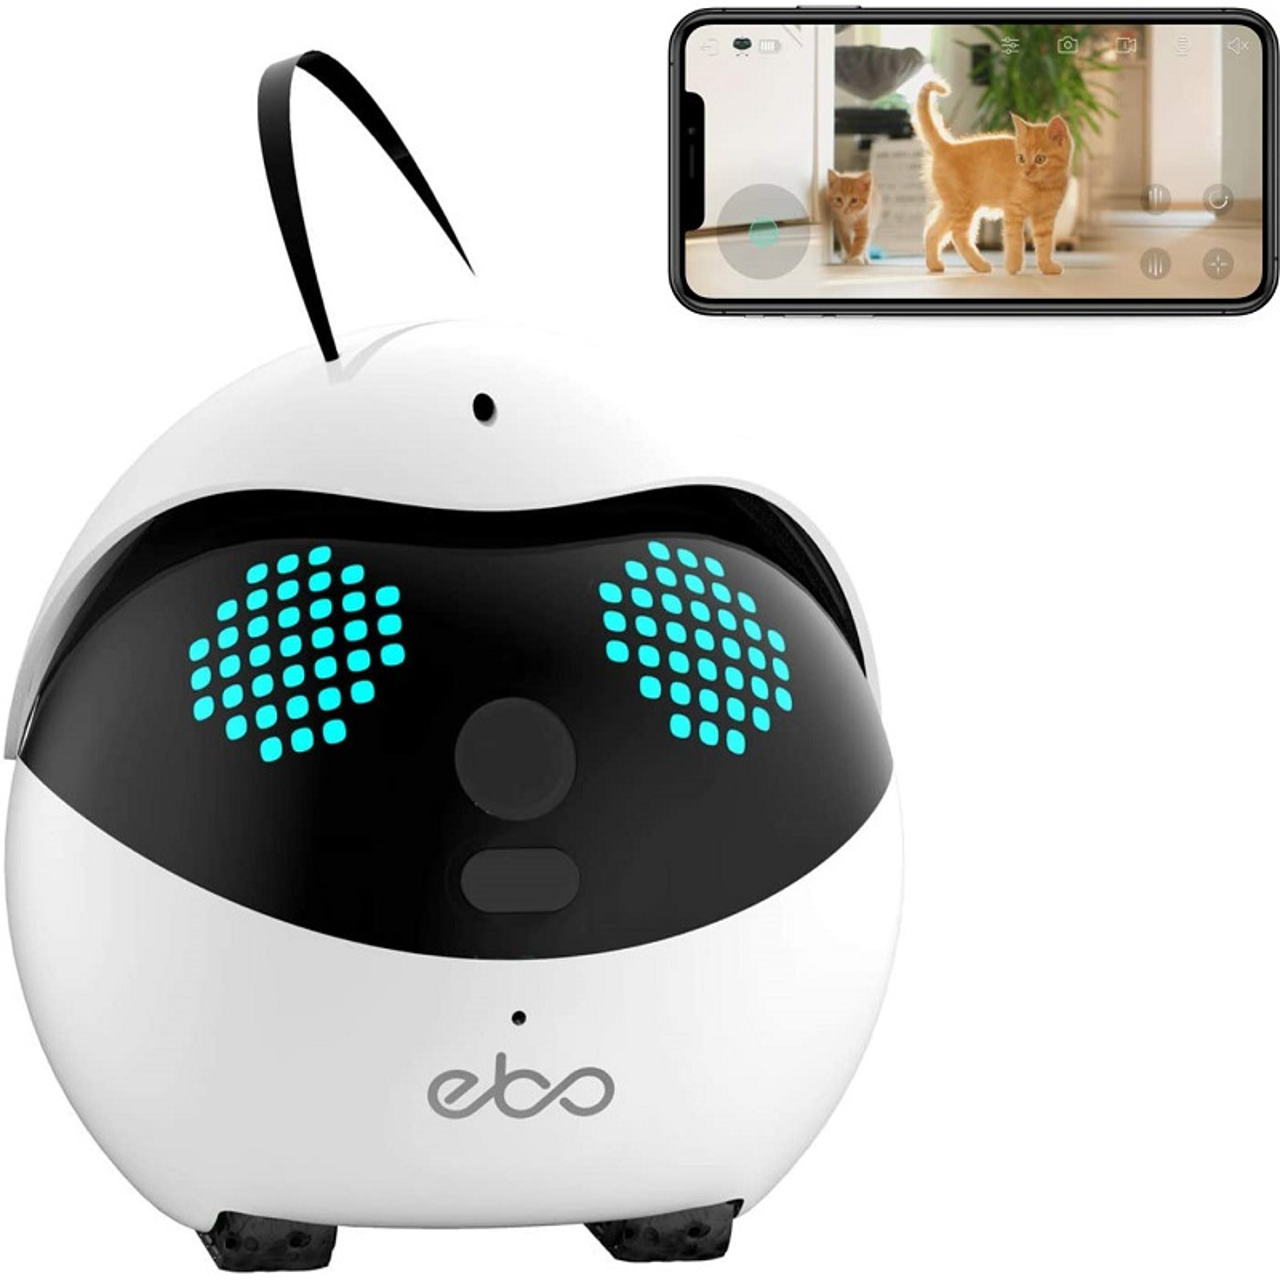 猫用 ロボット Ebo イーボ 標準版 自走式 見守りカメラ 猫用品 ペットカメラ 猫おもちゃ ペットモニター